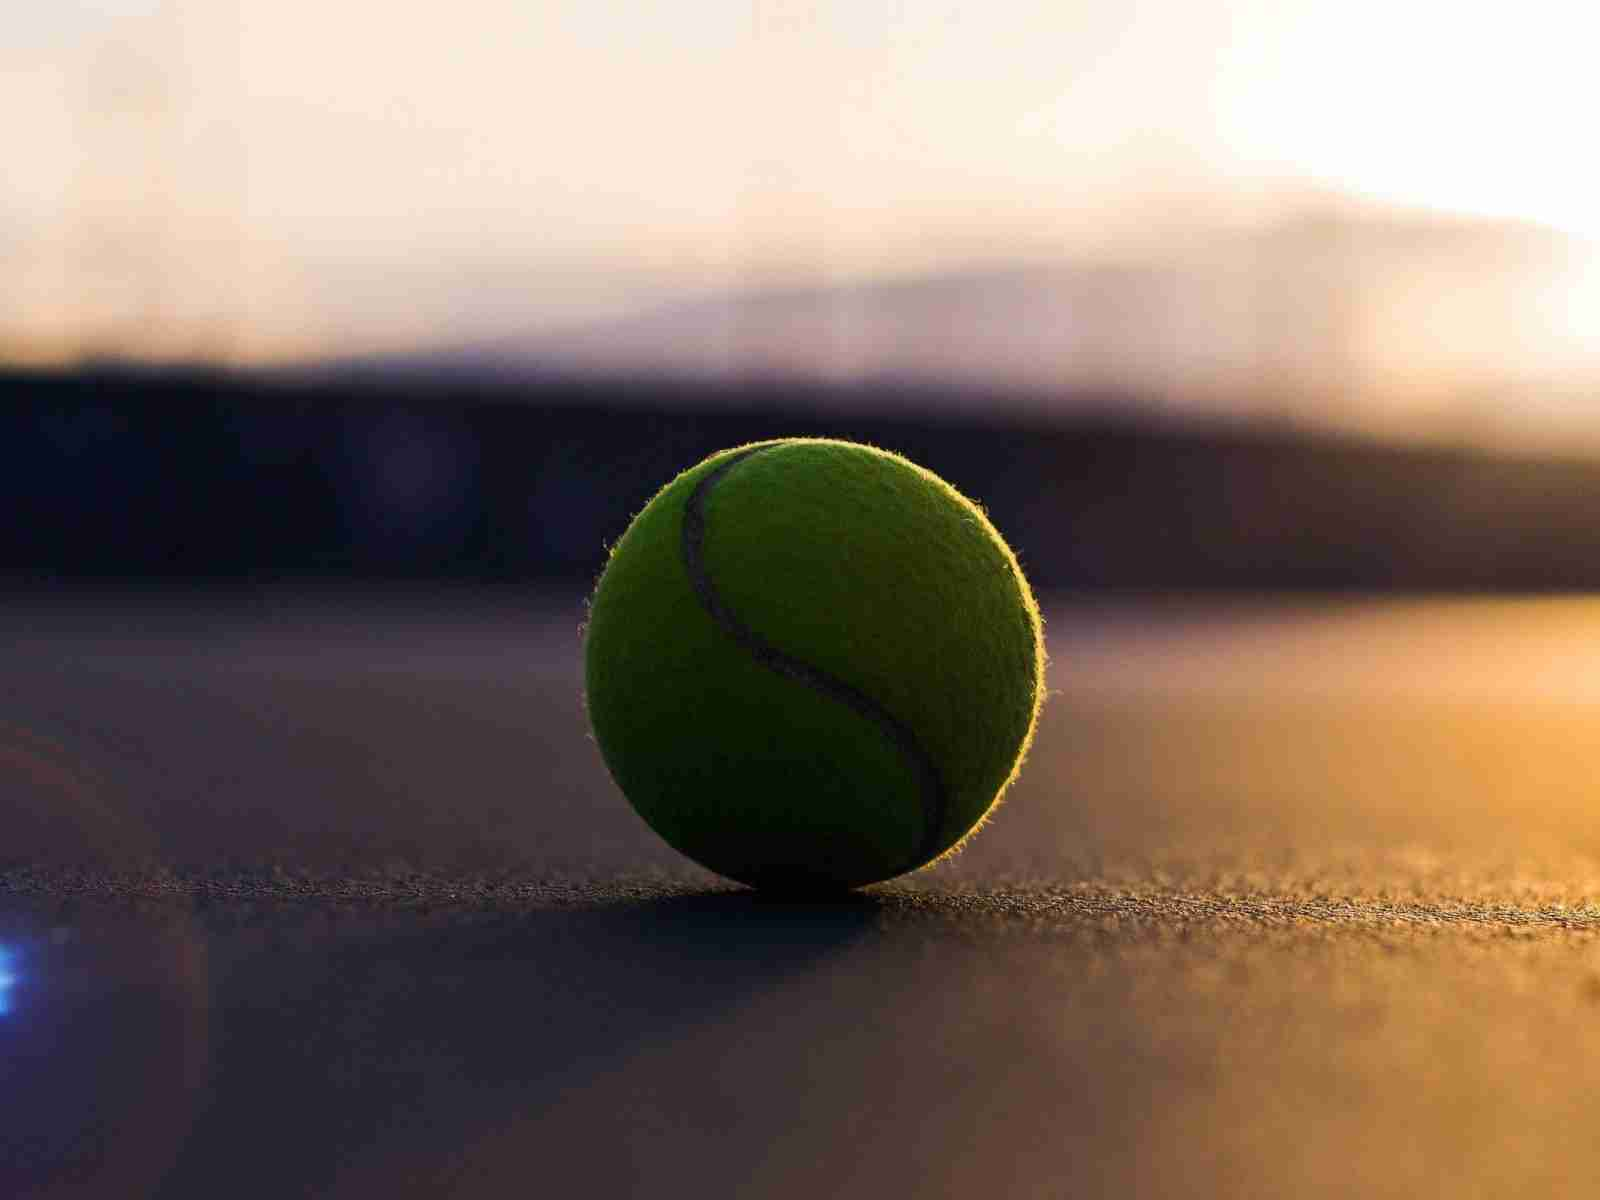 Спорт теннис теннисный мяч асфальт